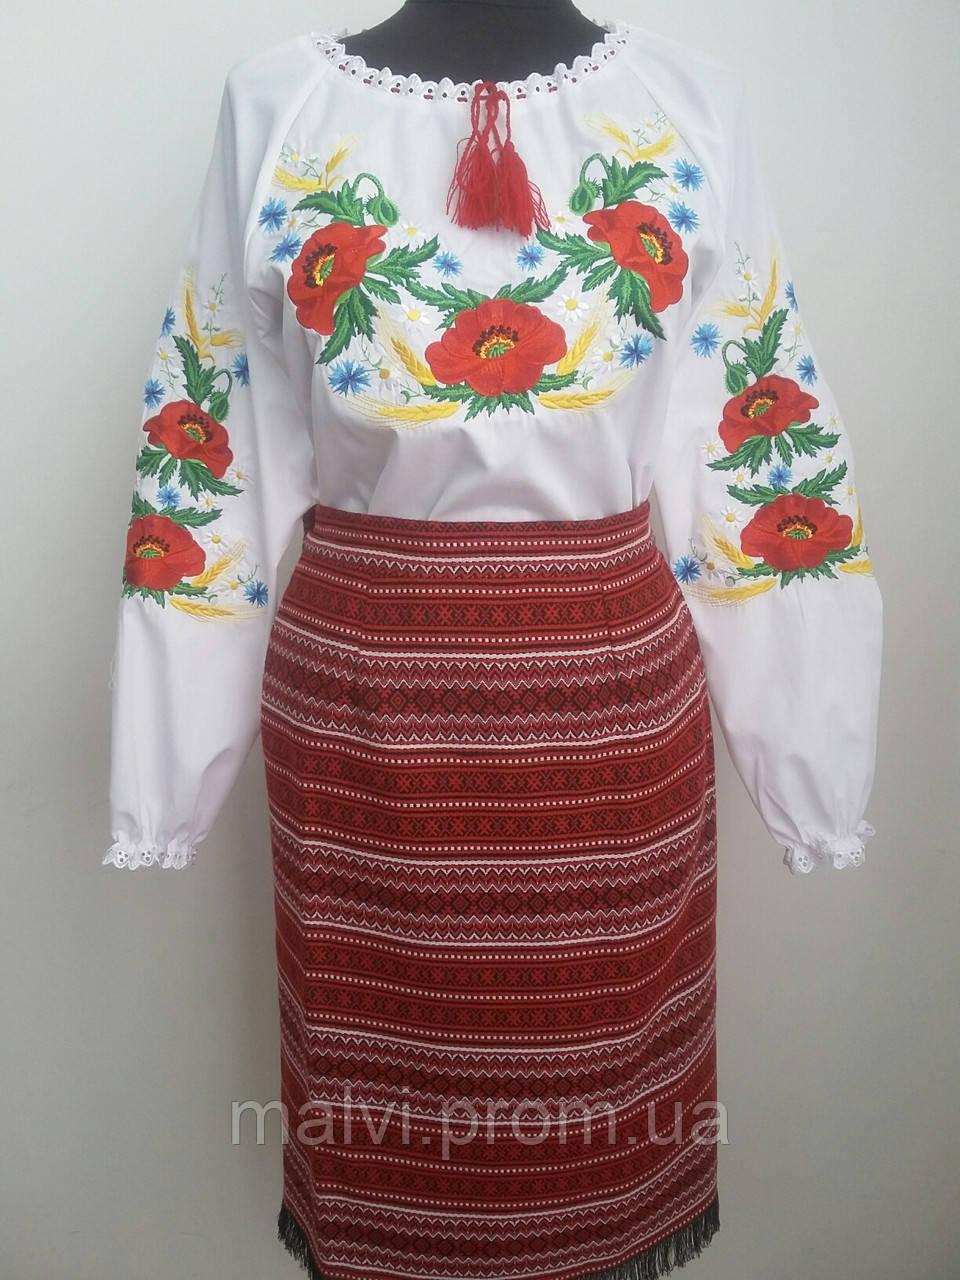 Жіночий костюм в українському стилі сорочка і плахта - Інтернет-магазин